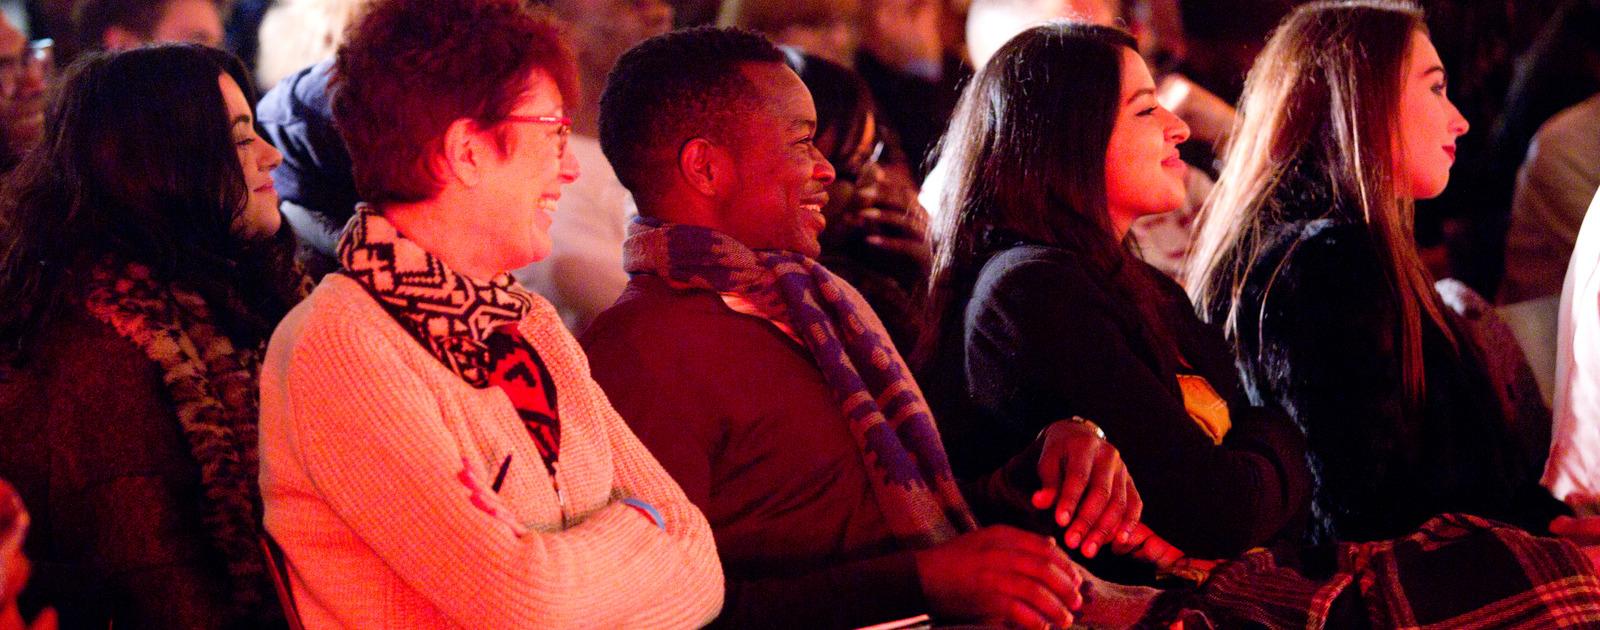 Audience Members Smiling